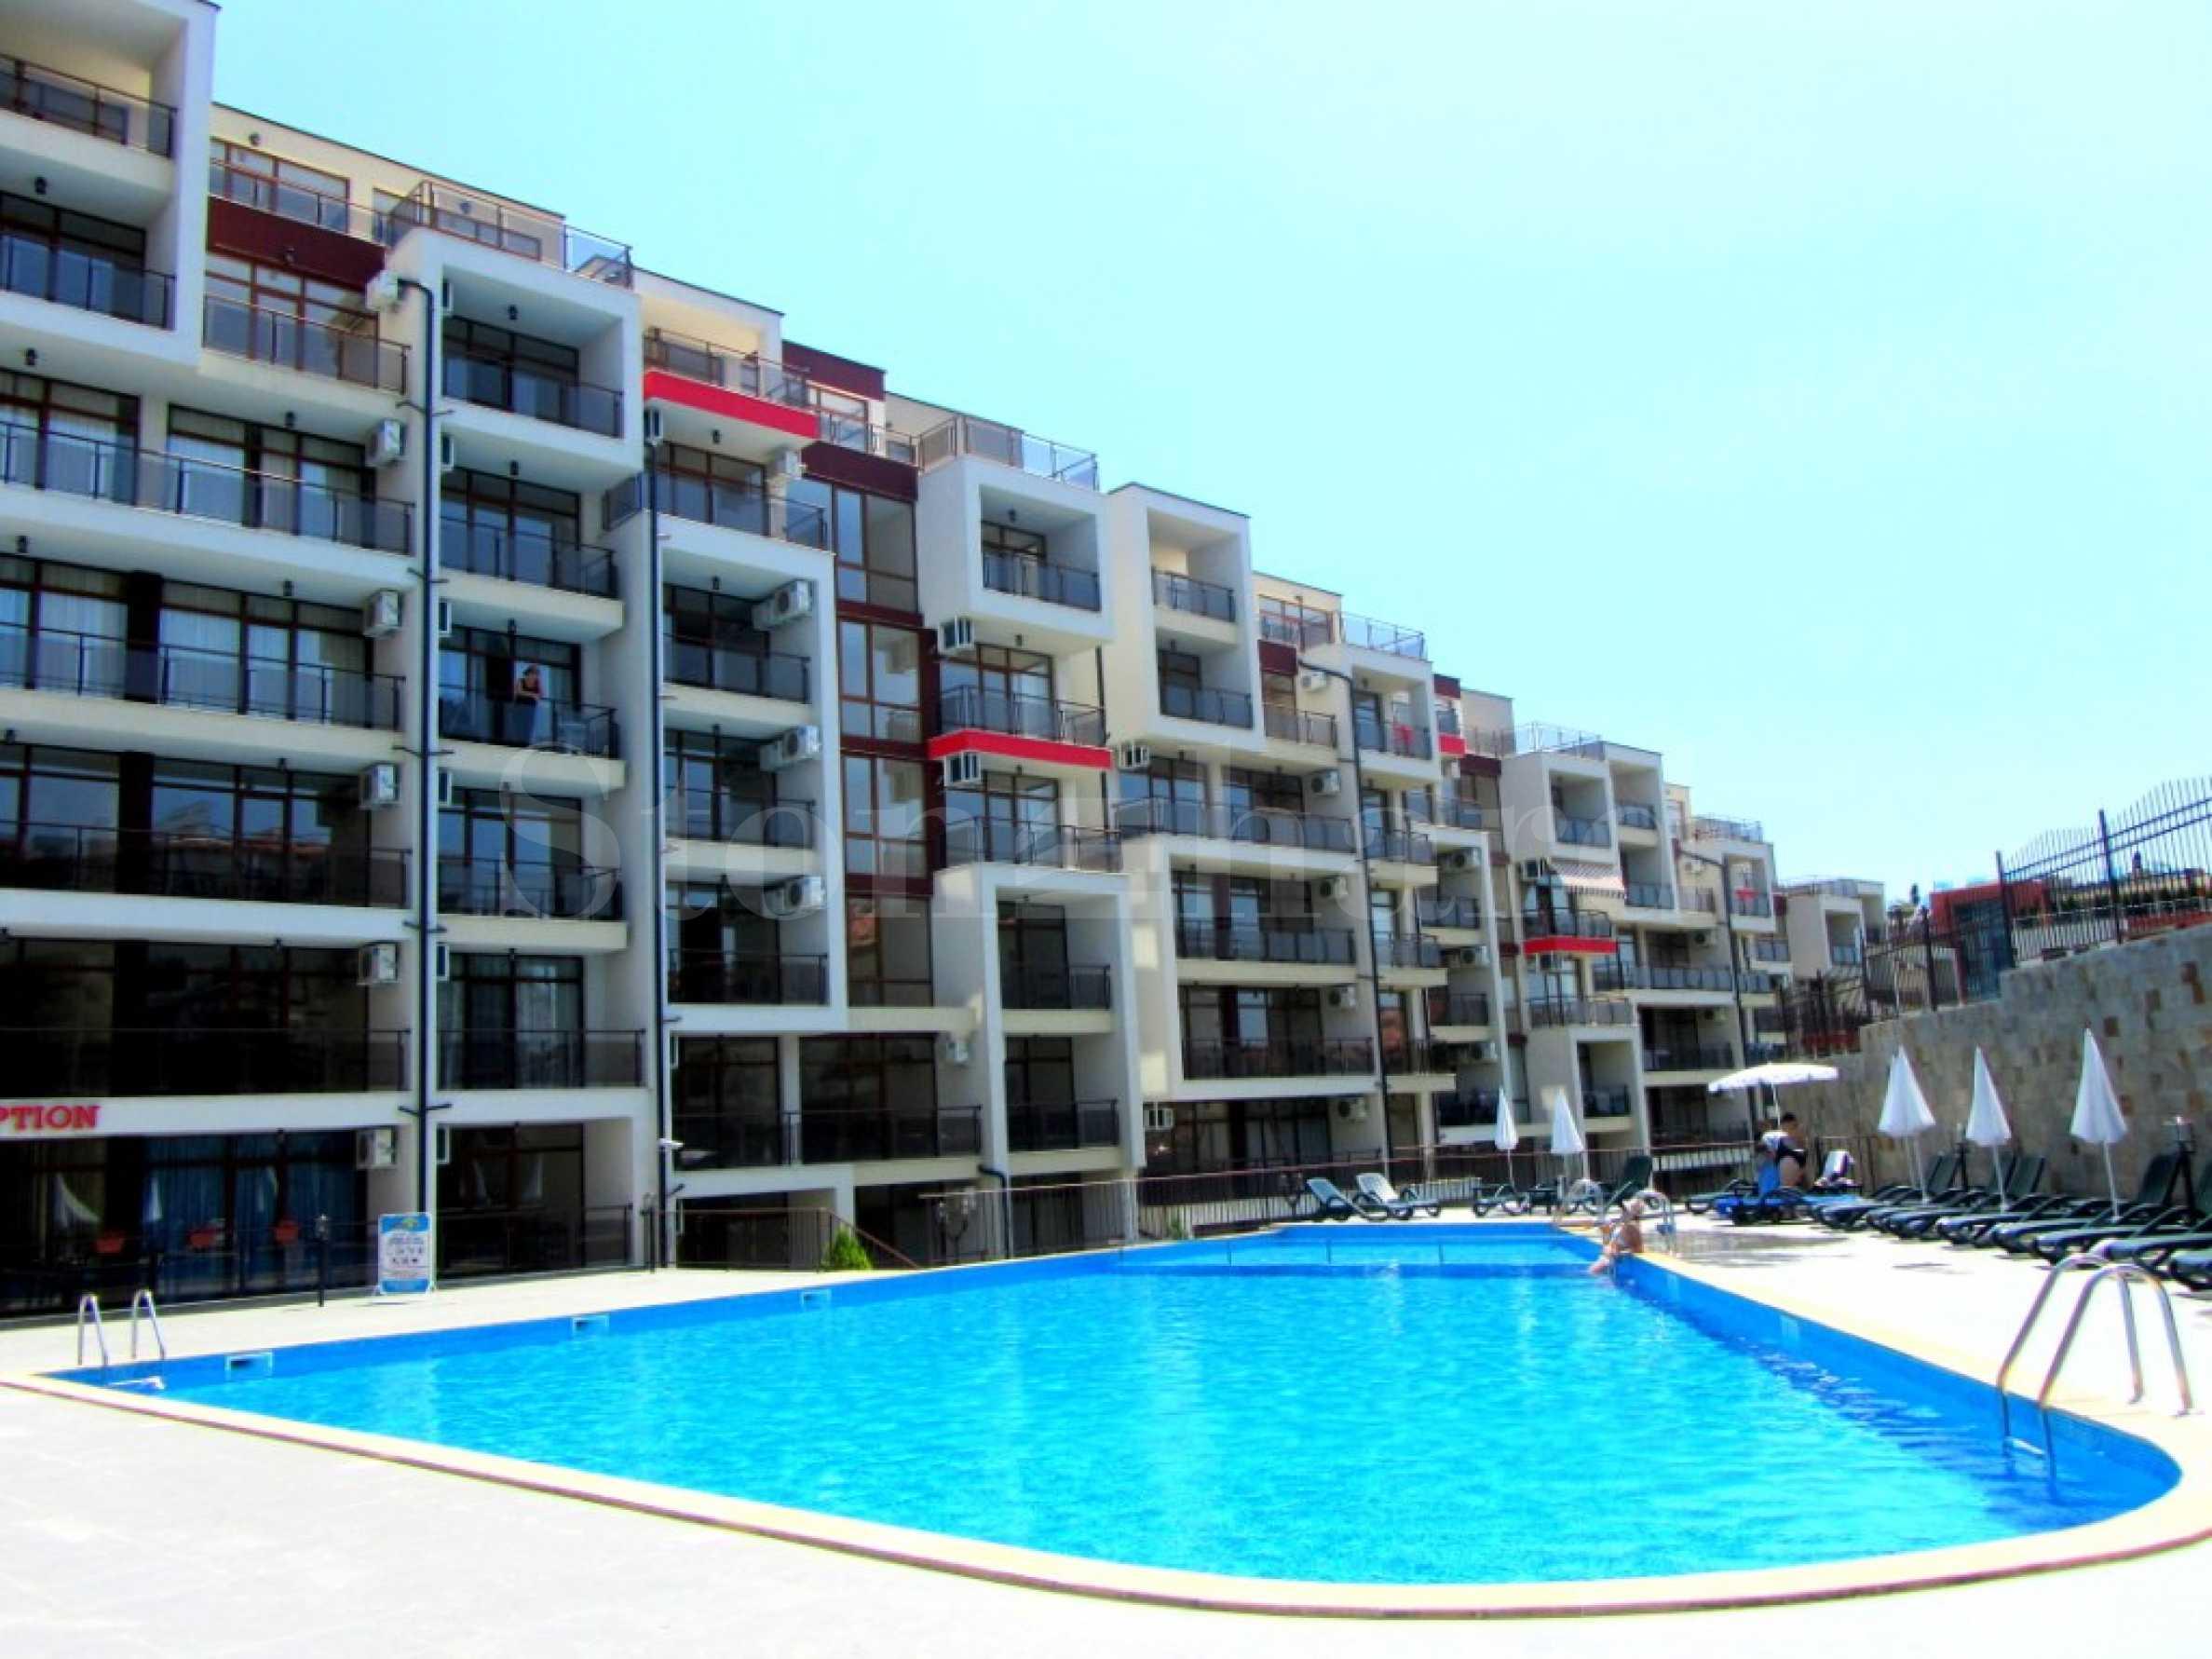 Апартаменти с гледки море в комплекс с Акт 16 в Свети Влас1 - Stonehard